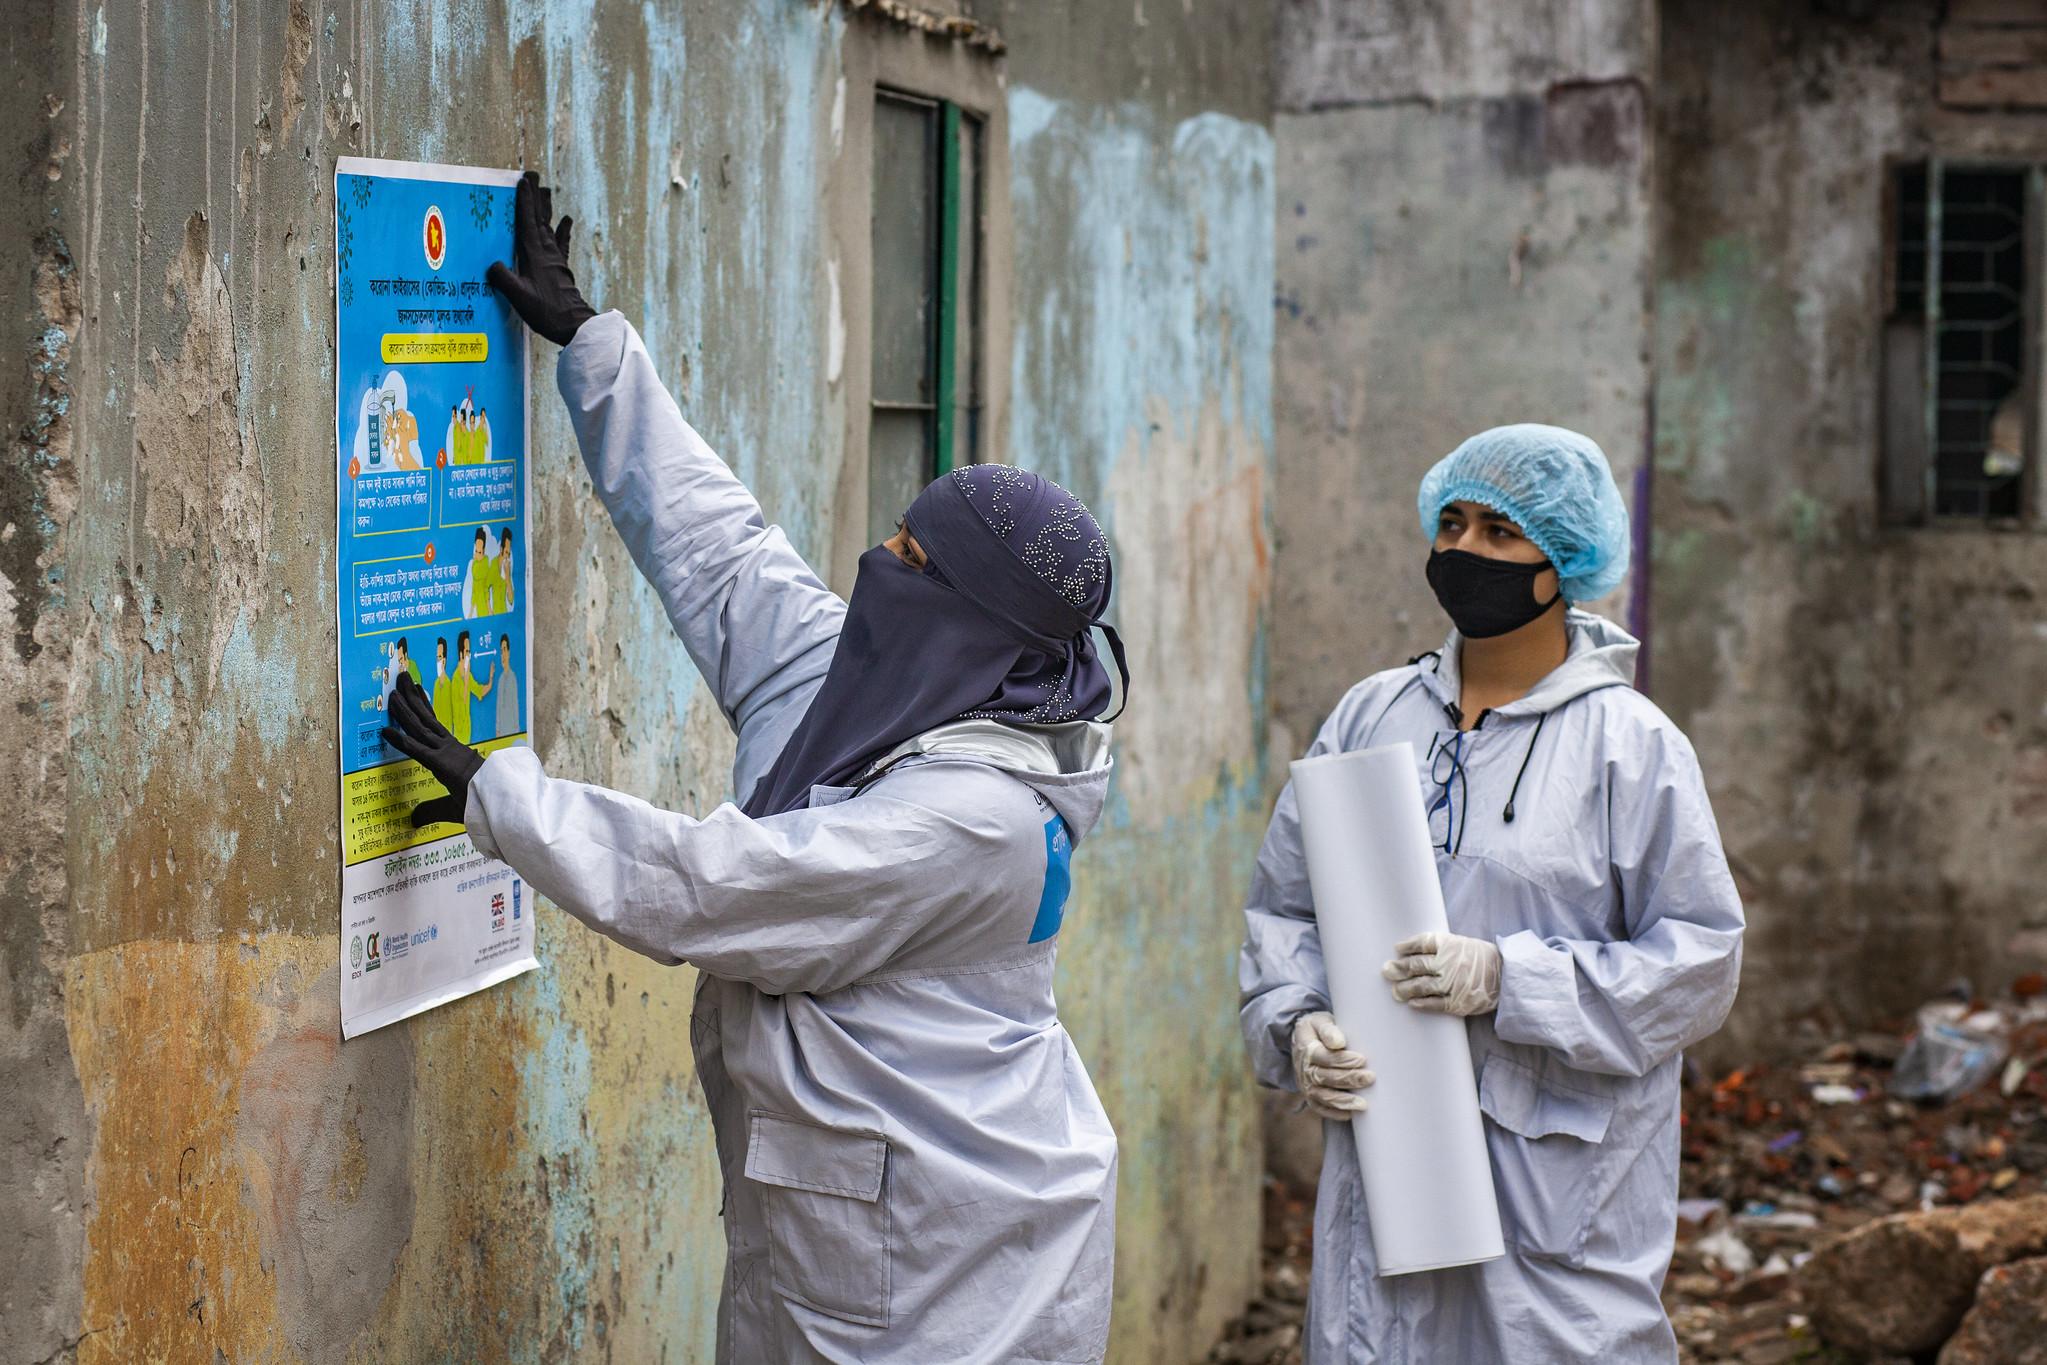 Pandemic response in Dhaka Bangladesh